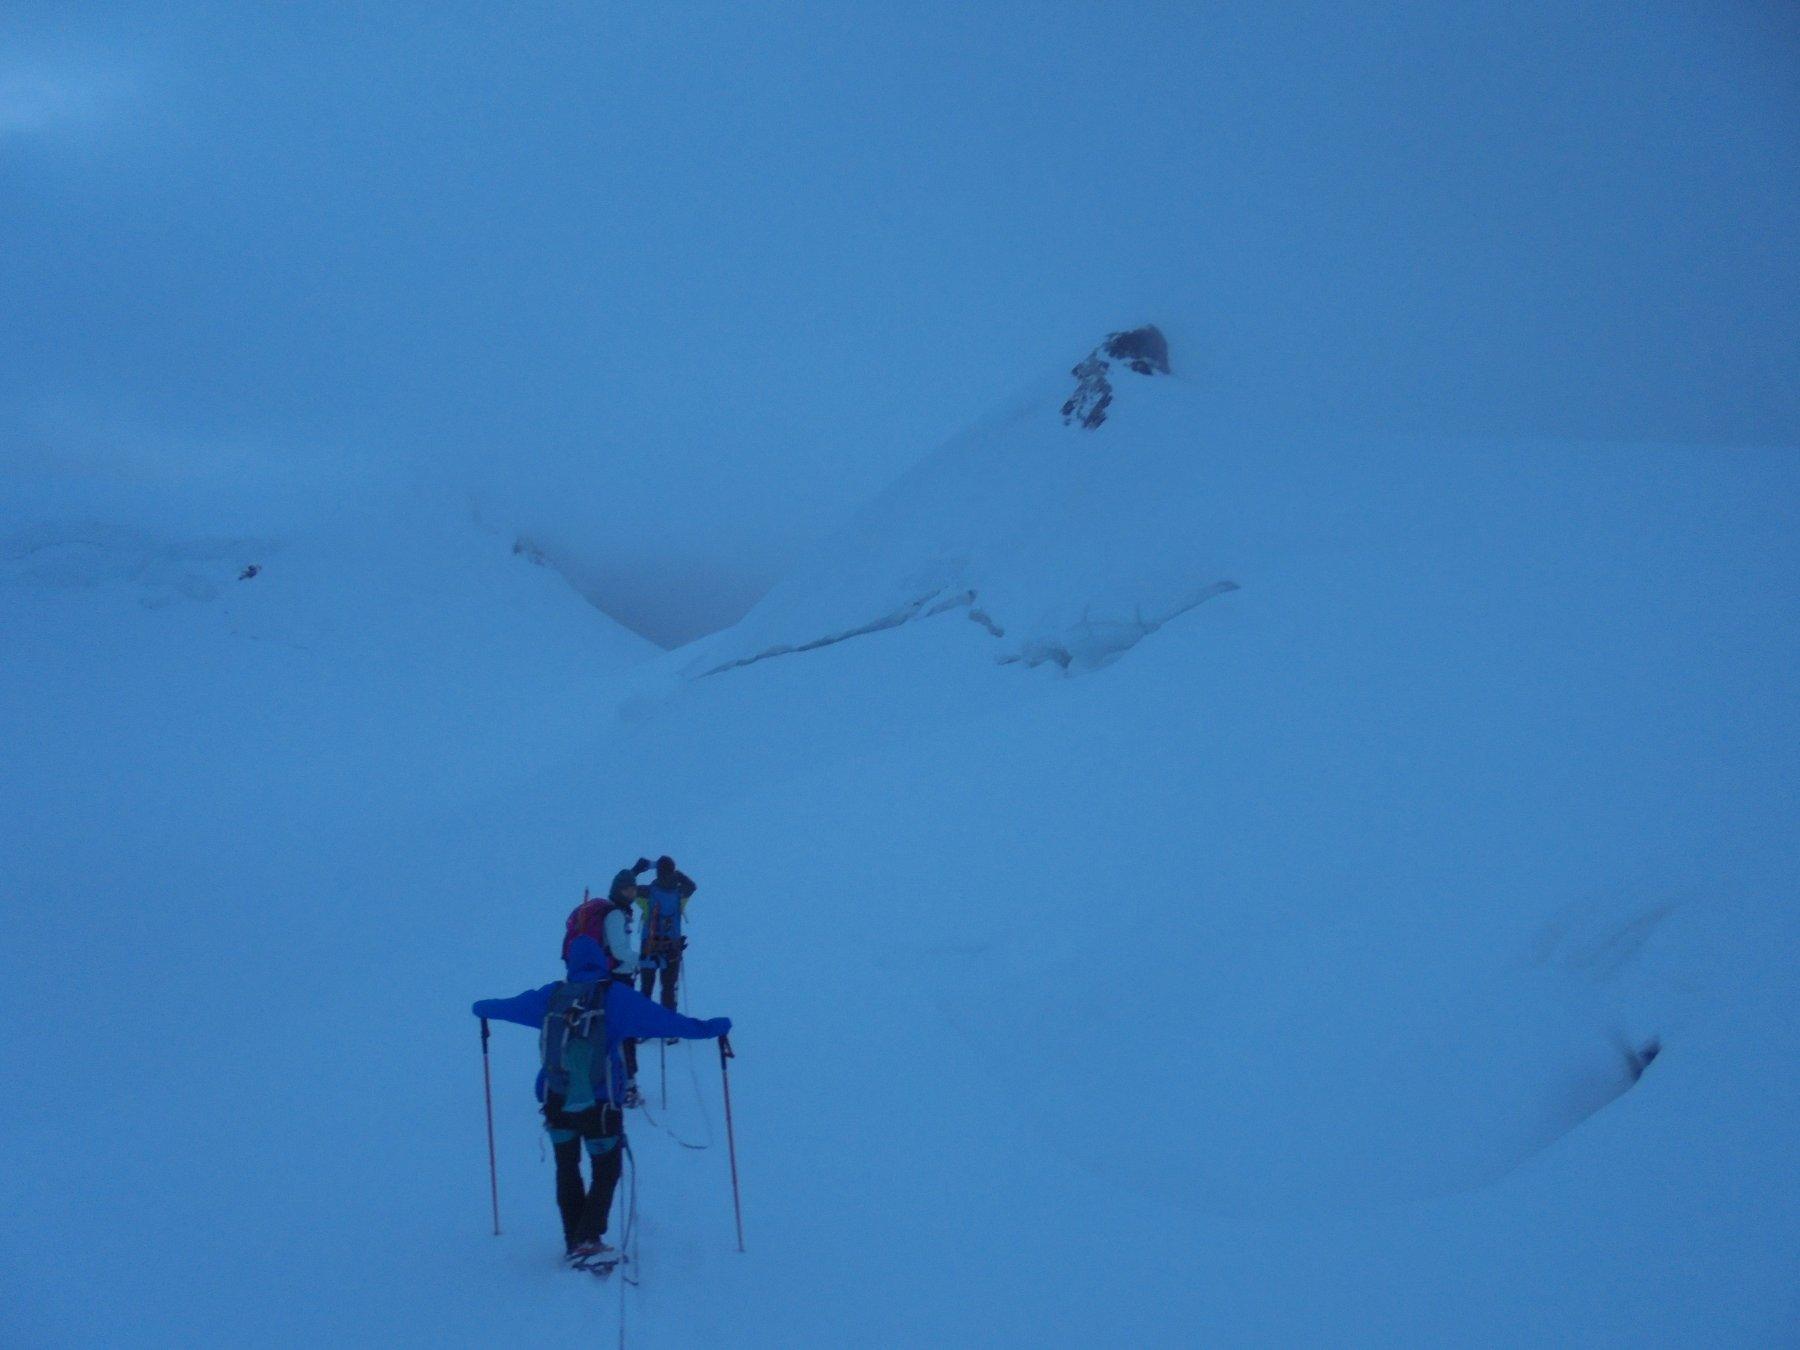 Salita alla Gnifetti con visibilità praticamente nulla; qui una delle ultime aperture nei dintorni del col del Lys